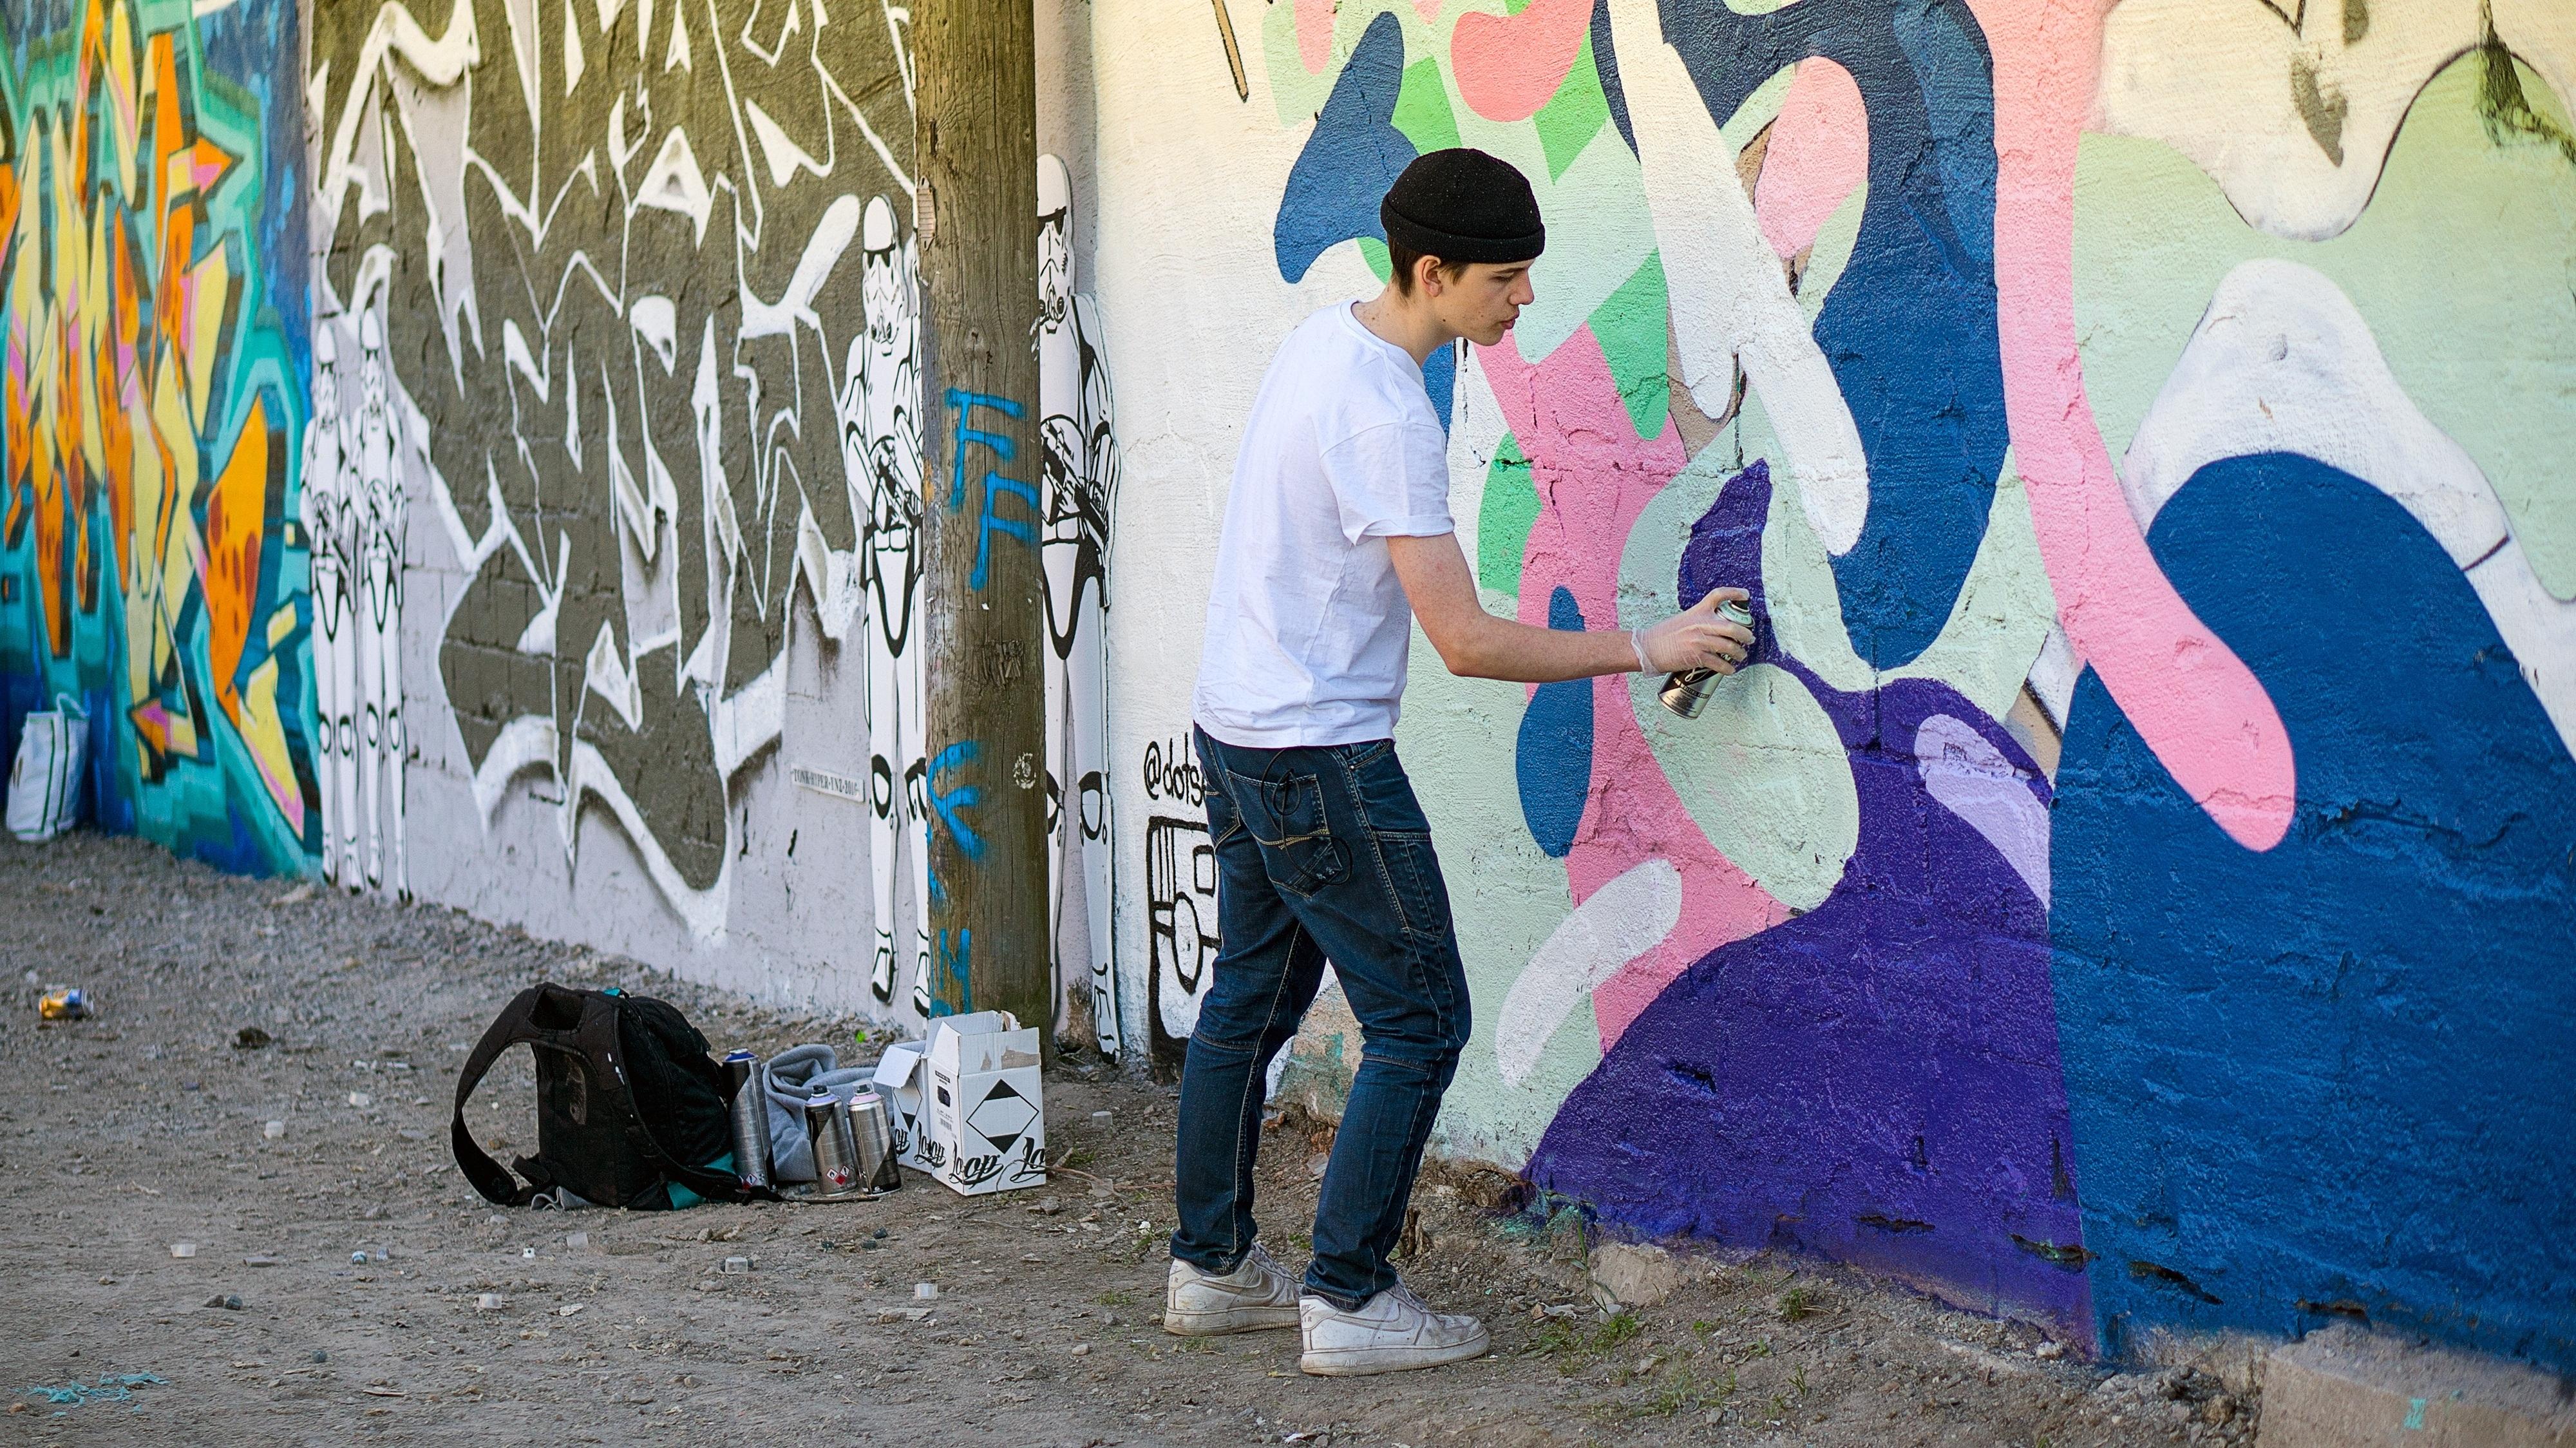 Fotos gratis : hombre, creativo, calle, pared, masculino, chico ...